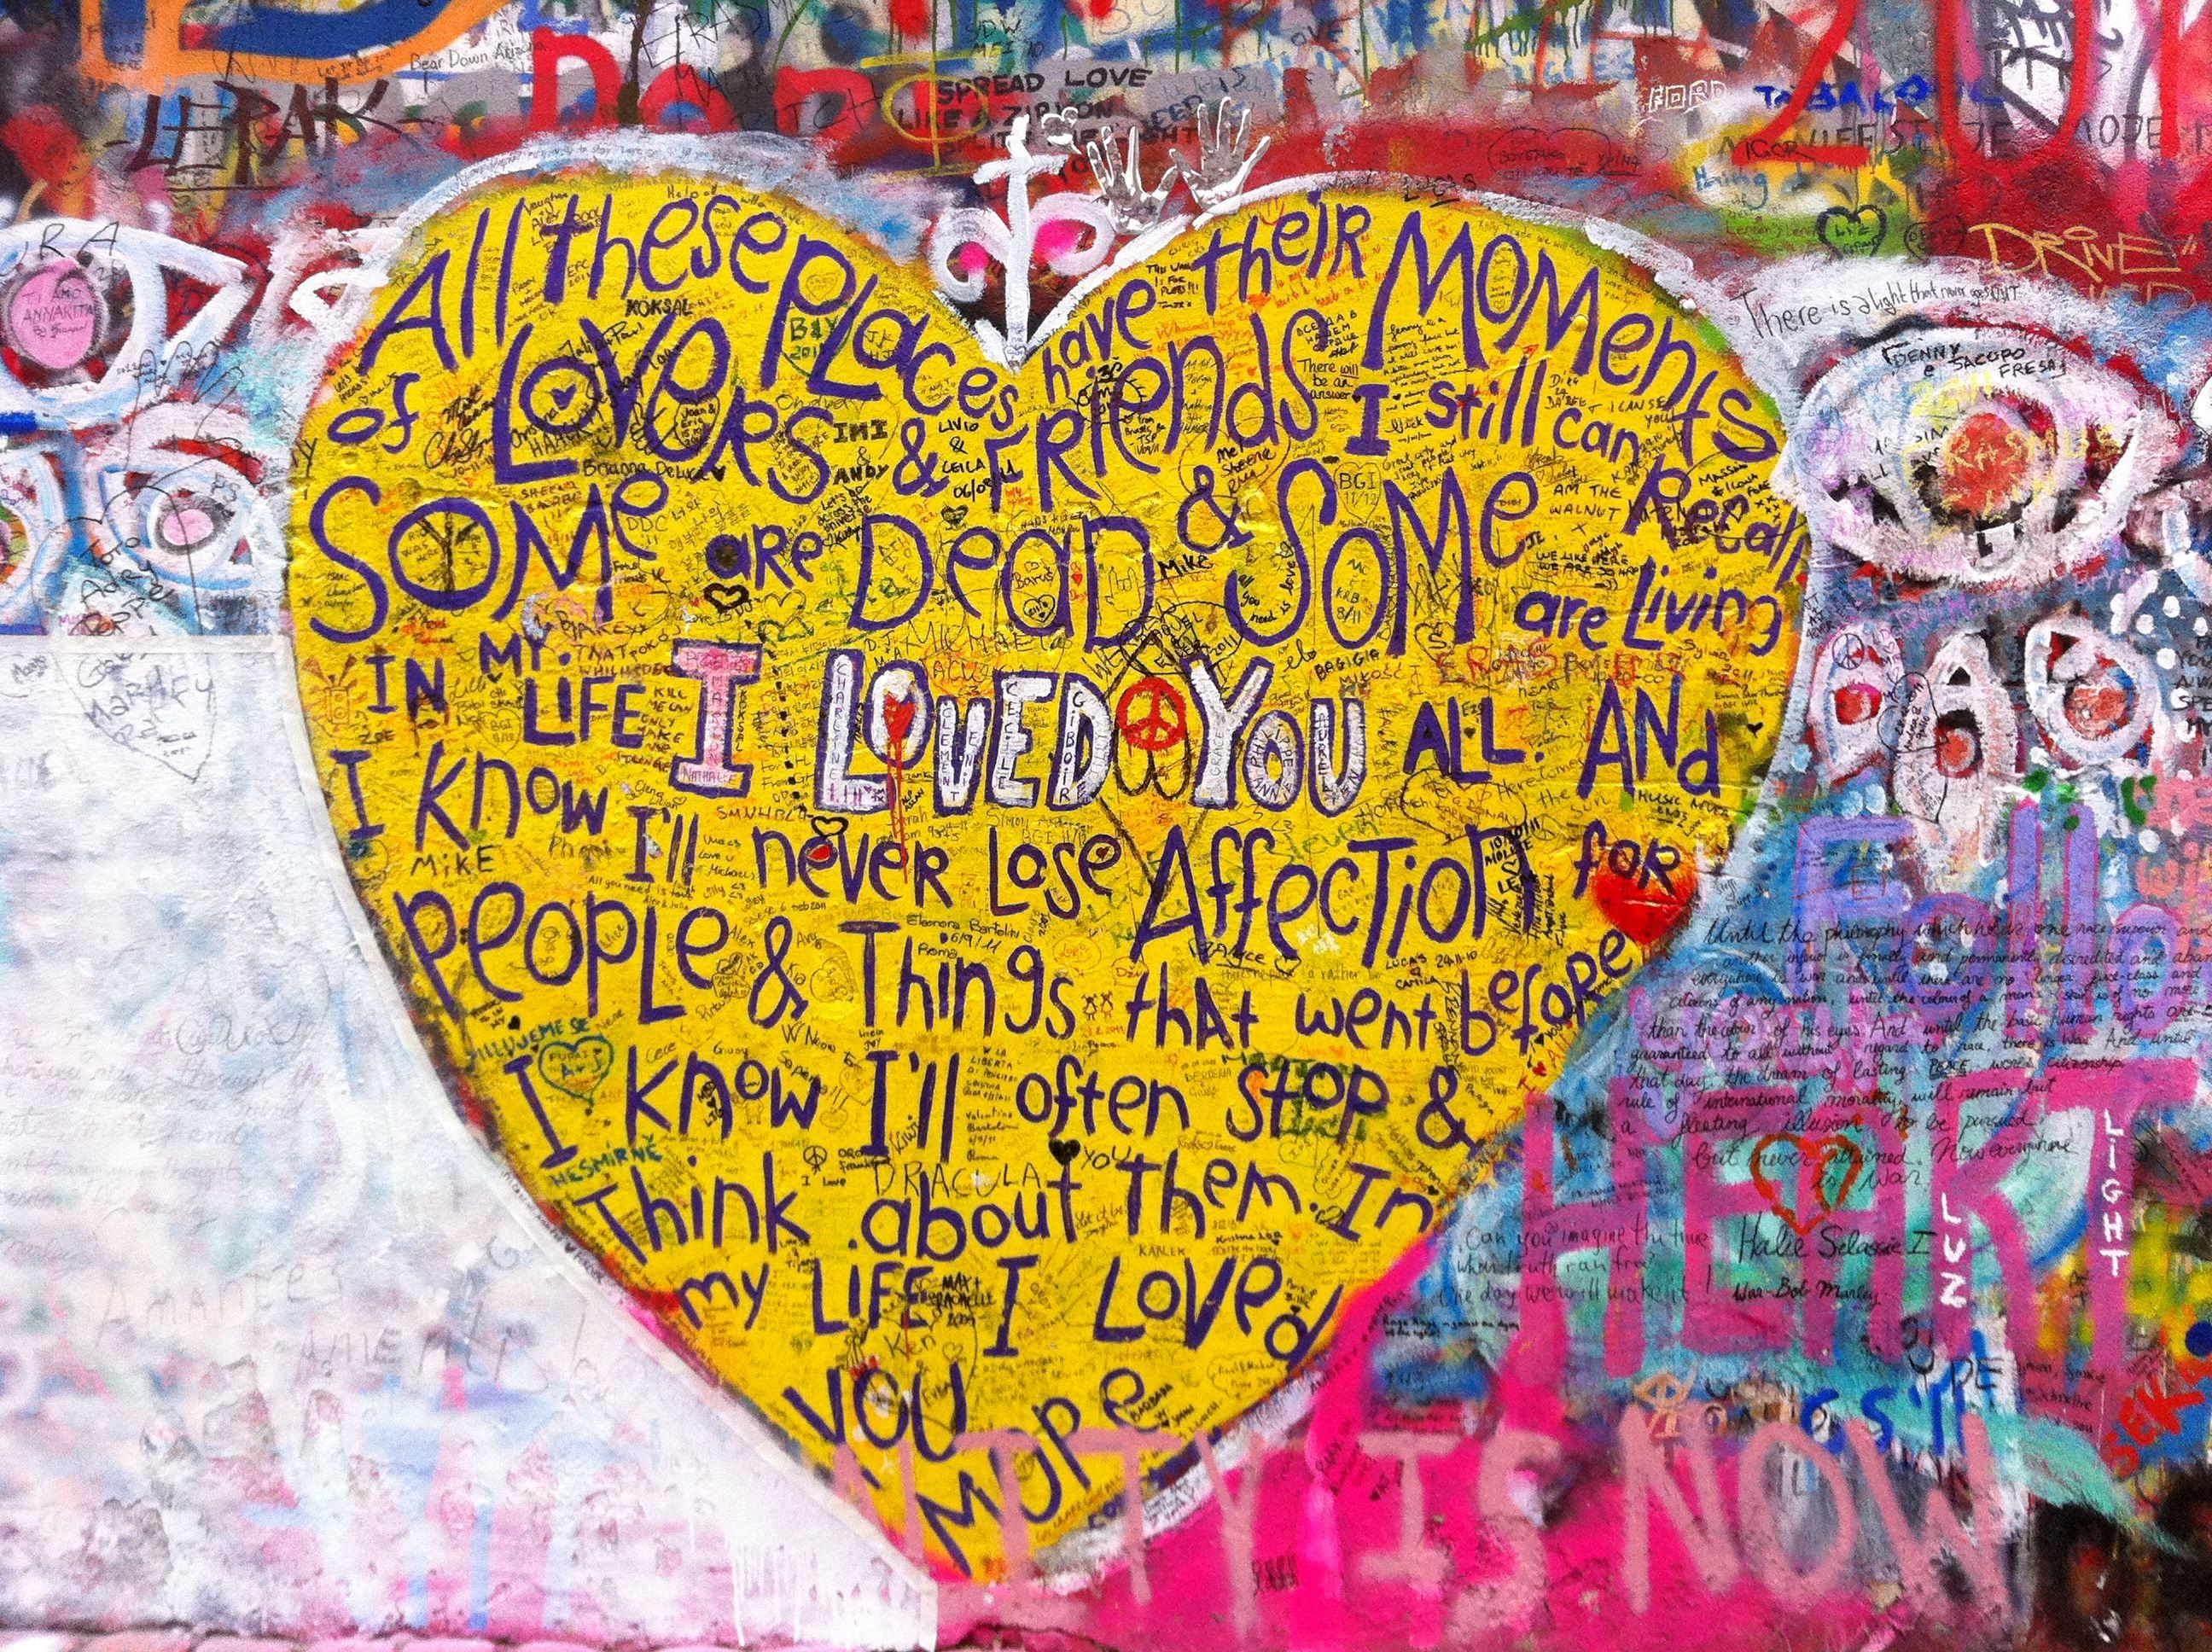 John Lennon wall - Prag | Visual Statements | Pinterest | John lennon